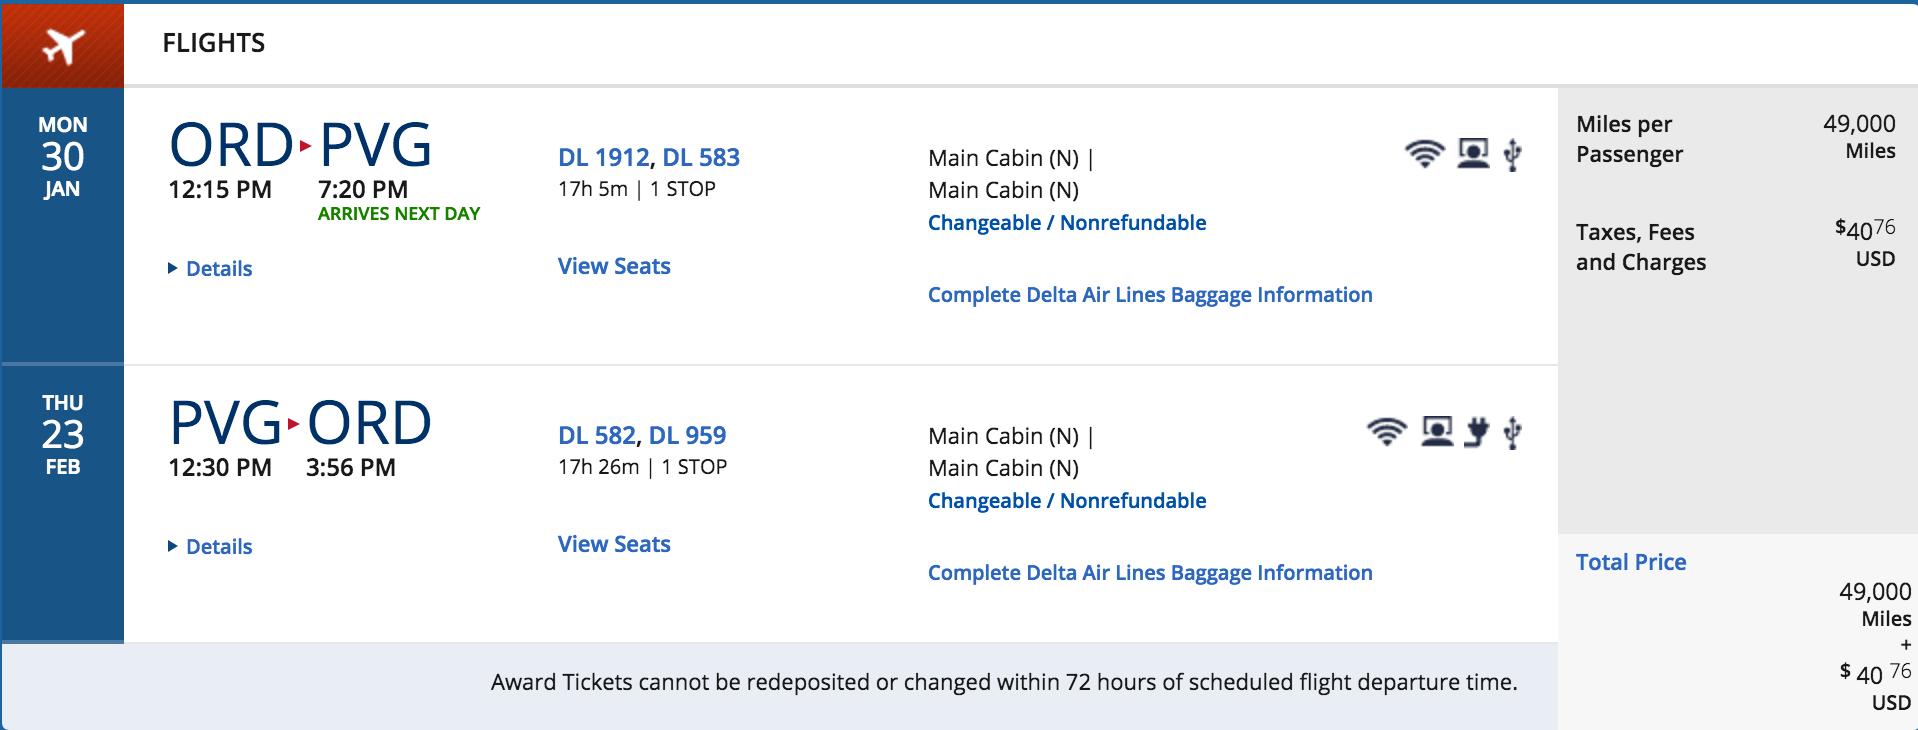 达美里程简介 (4) – 国际线兑换促销汇总【12/14更新:美欧航线今明两天闪促,商务舱98K往返】